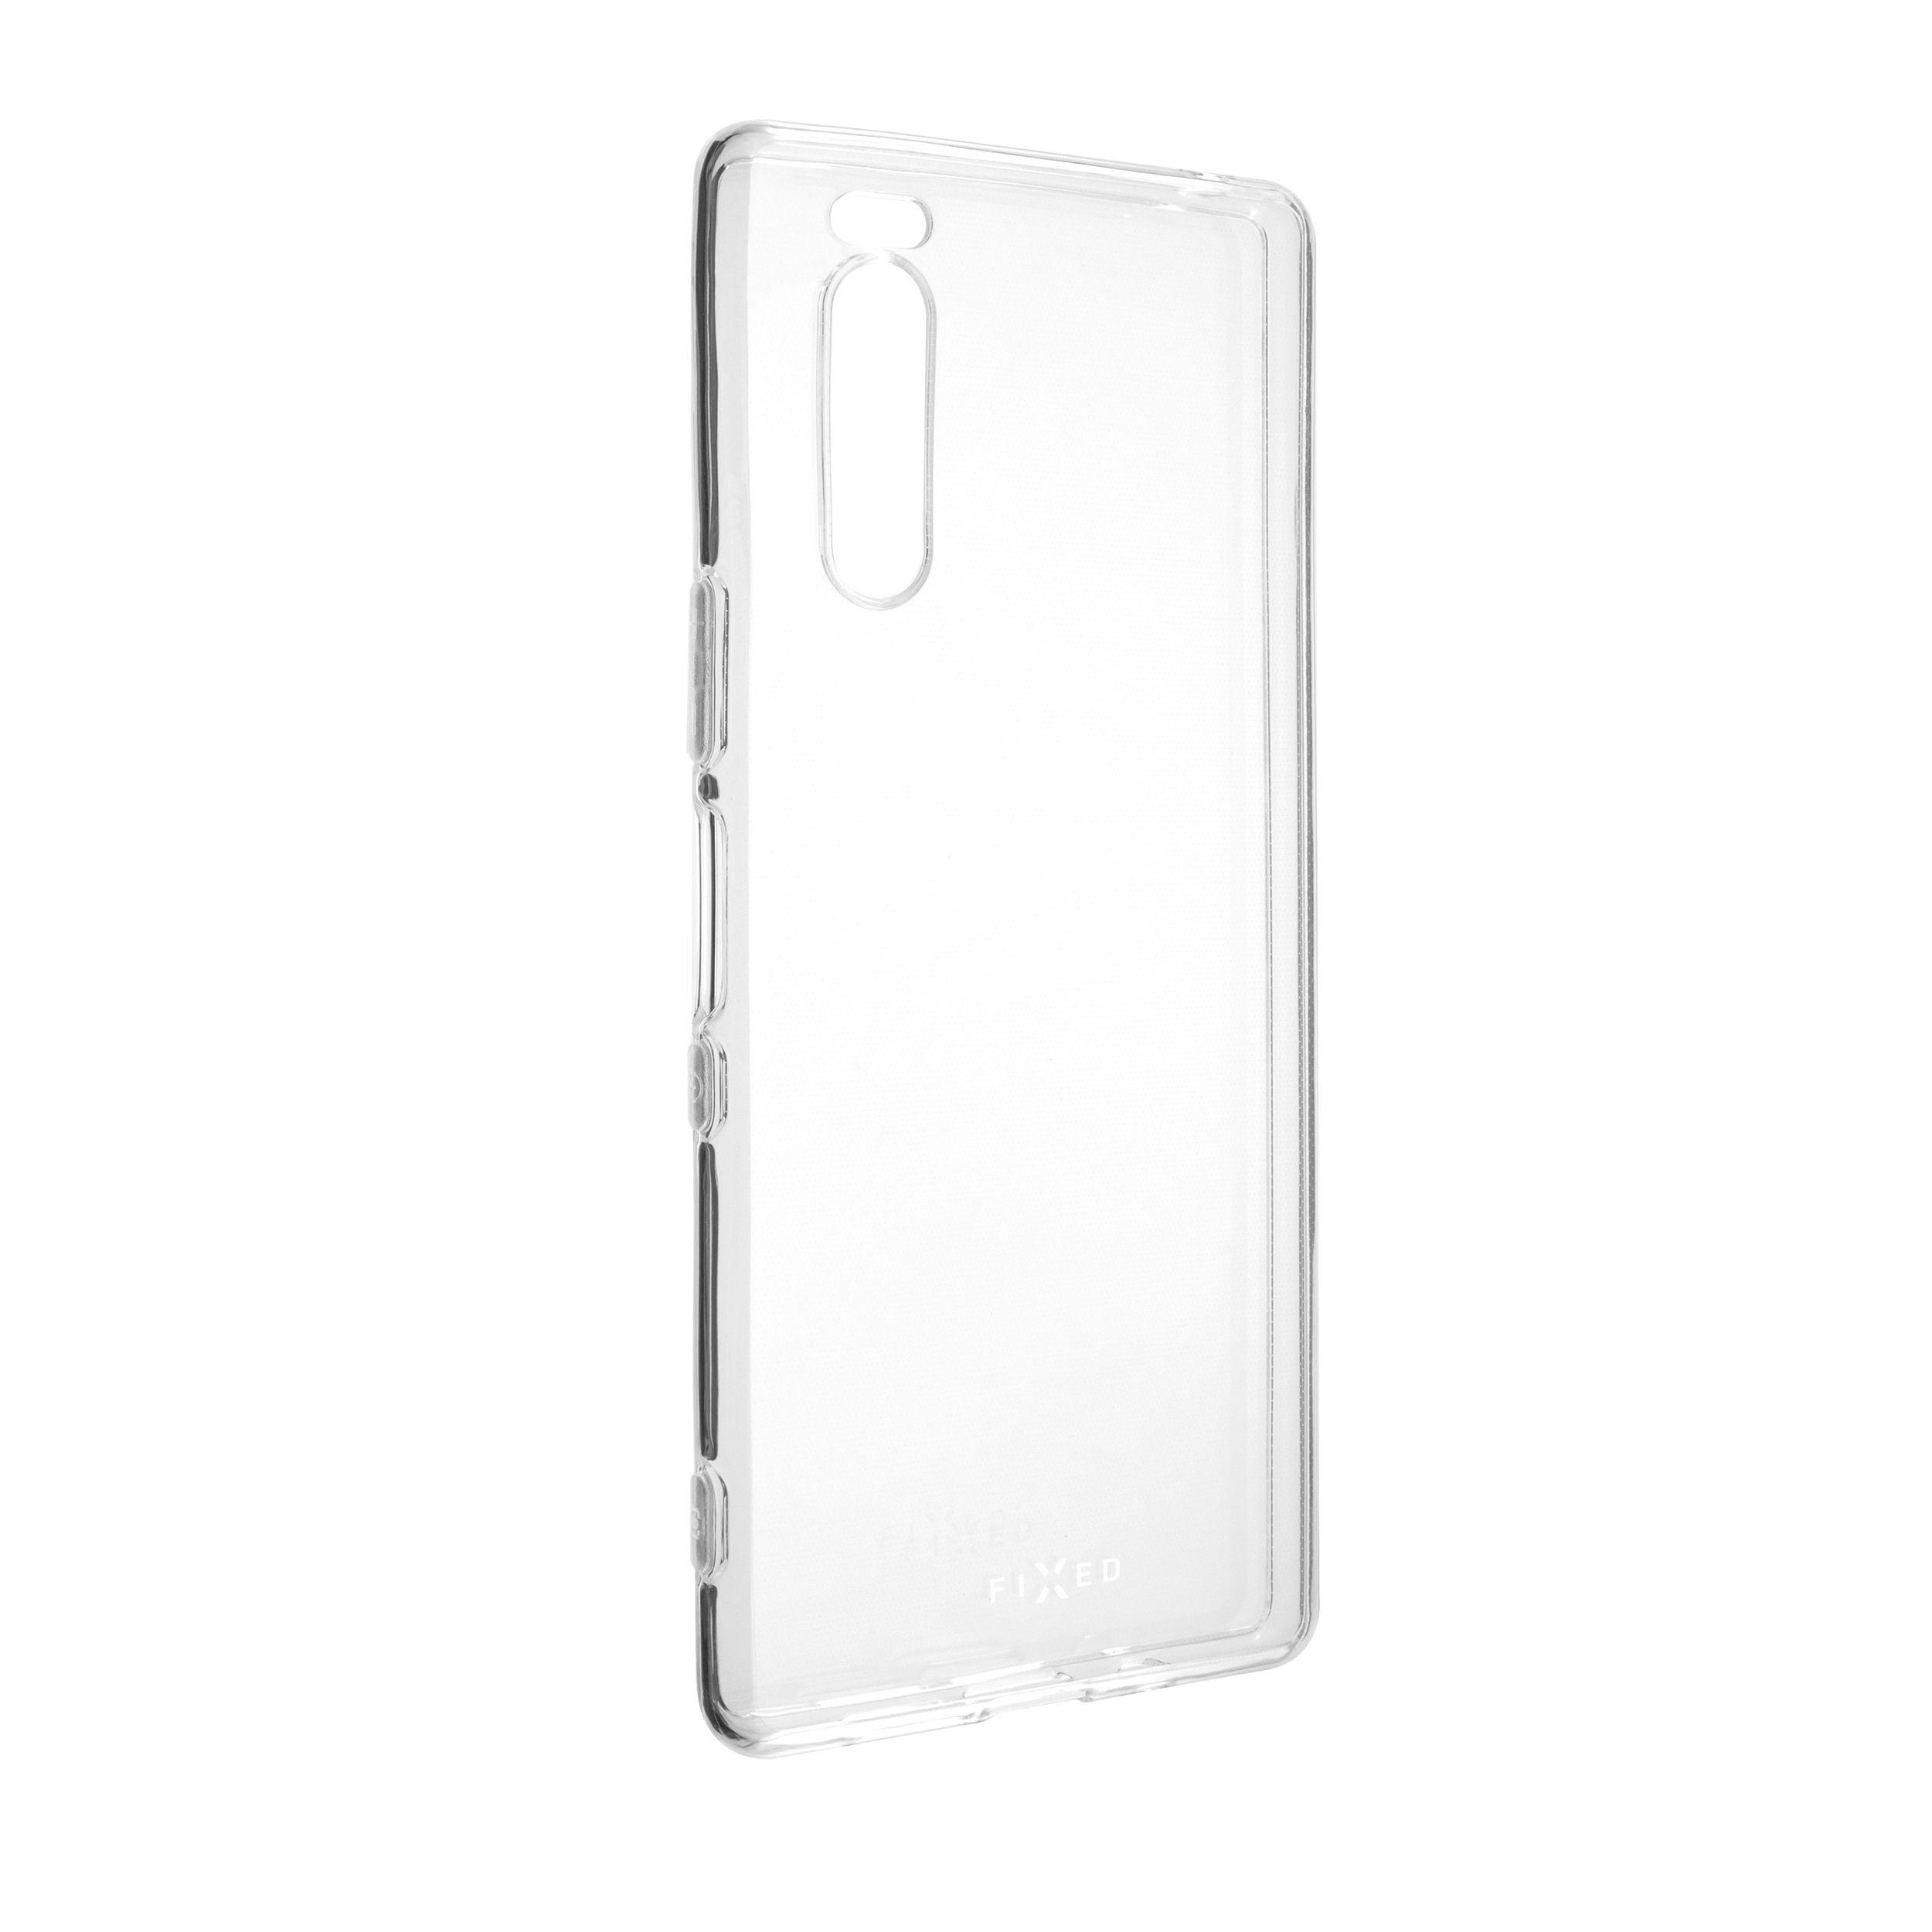 TPU gelové pouzdro FIXED pro Sony Xperia 5, čiré